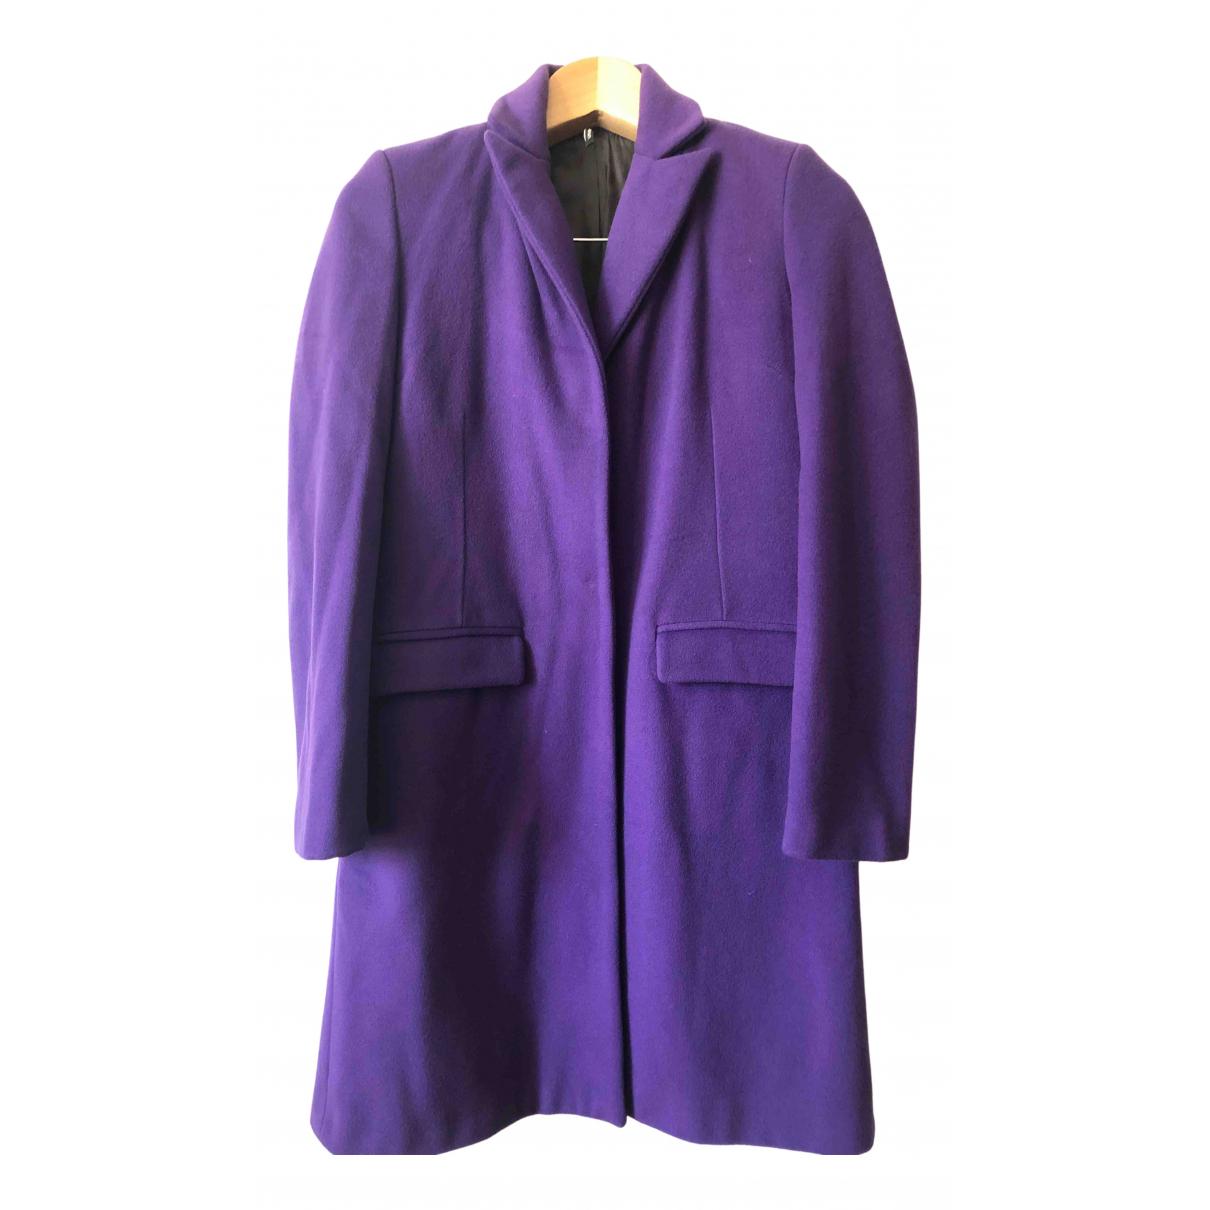 Liviana Conti - Manteau   pour femme en laine - violet